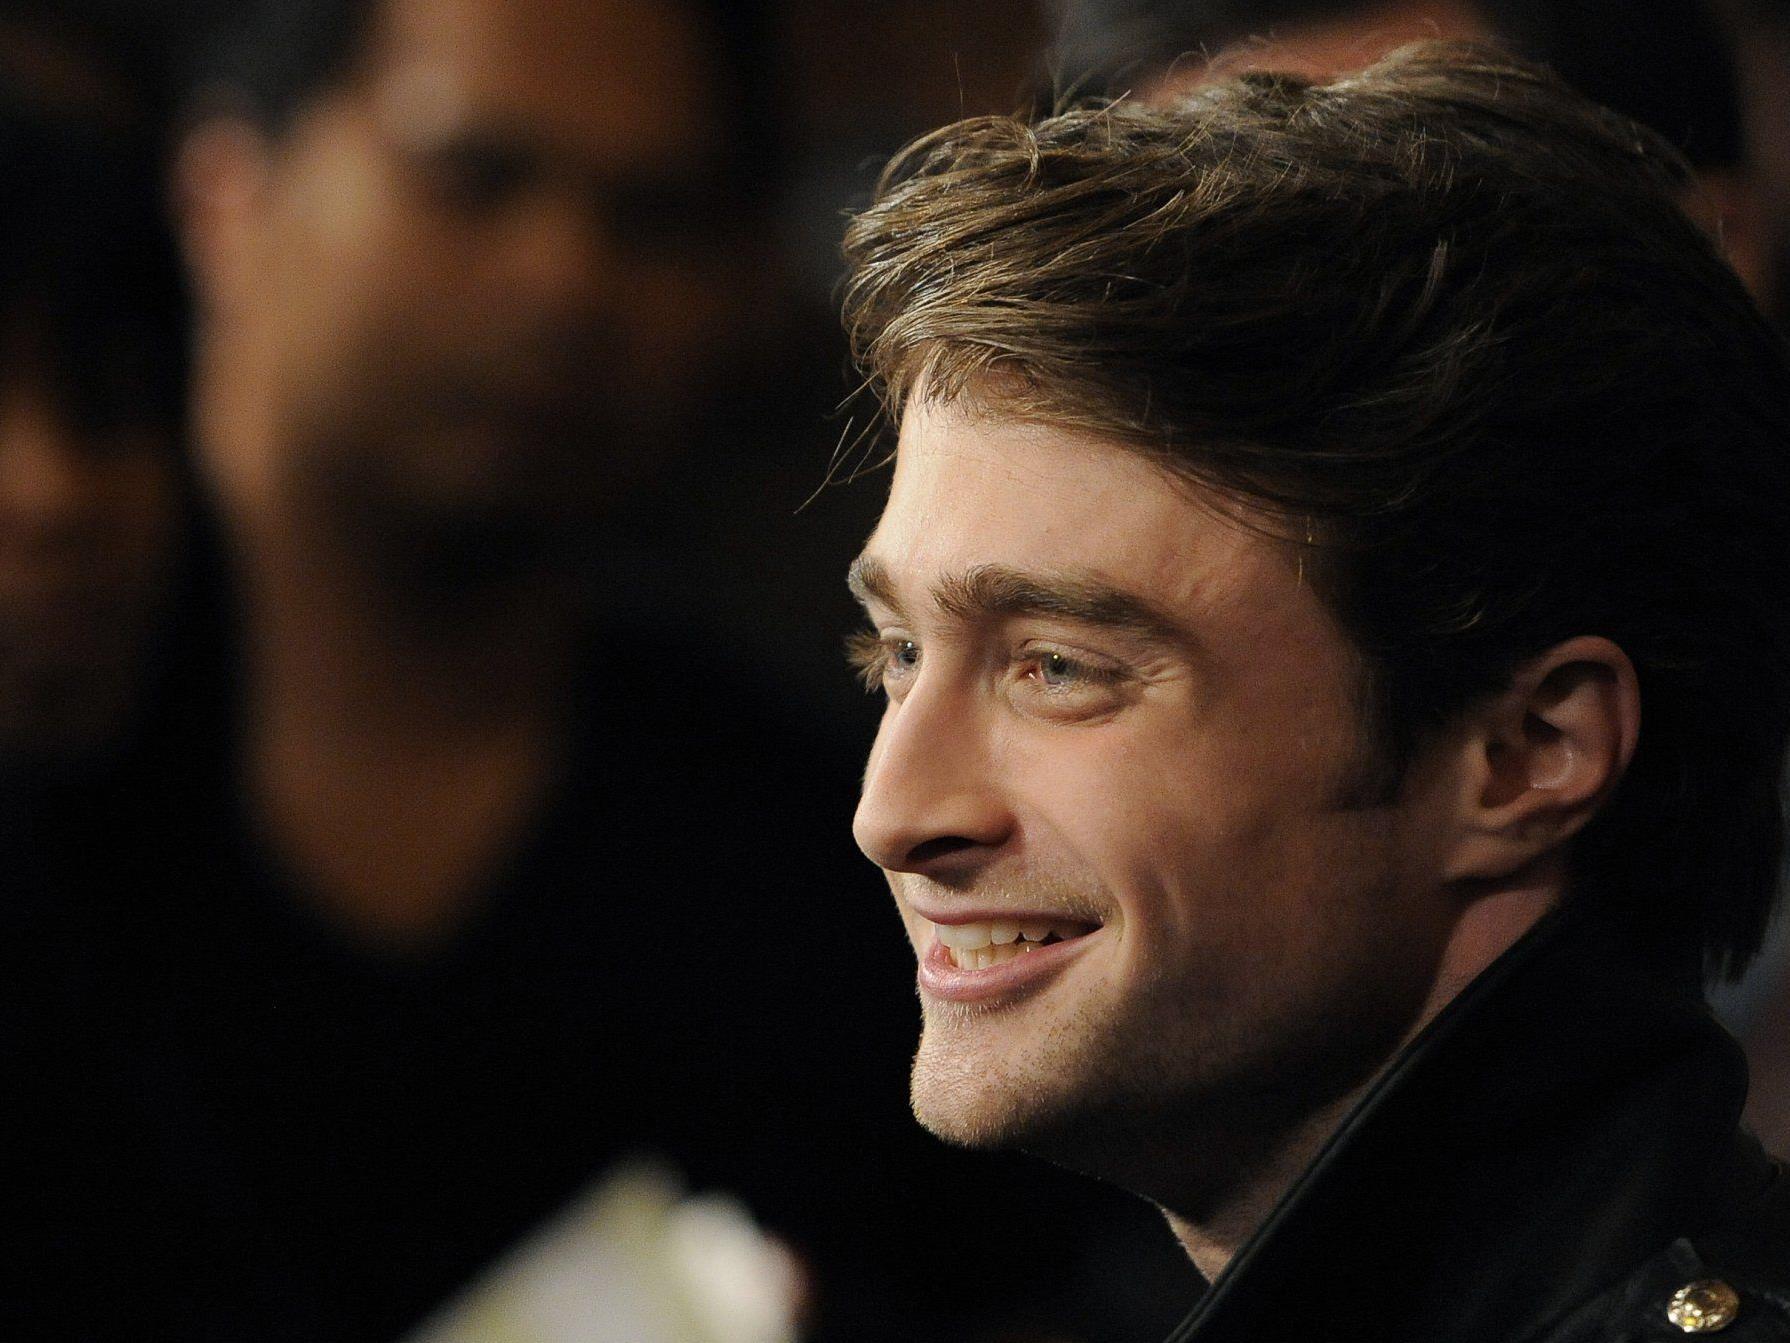 Wurde als Brille tragender Zauberlehrling mit Narbe und Struwwel-Haar berühmt - Daniel Radcliffe.